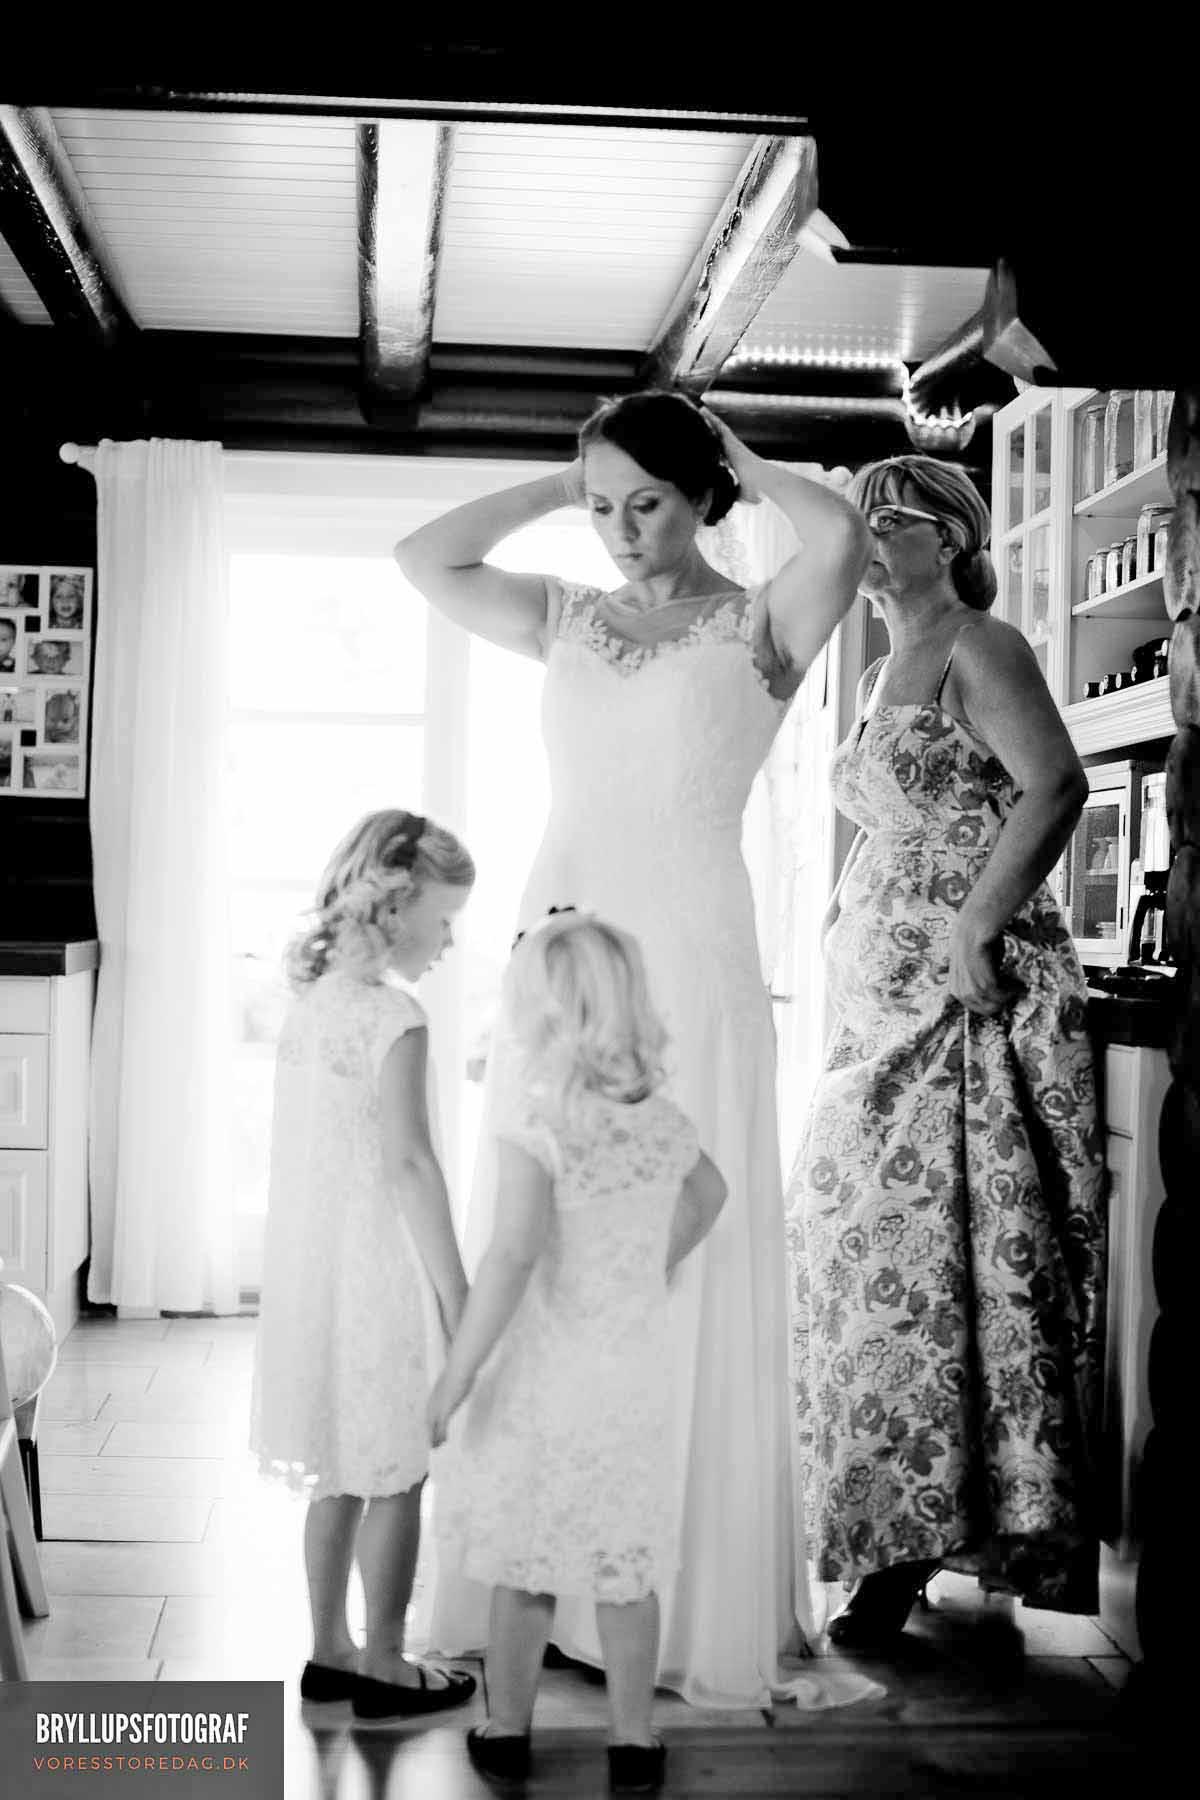 Bryllup i Sønderjylland | Hold bryllupsfest på Benniksgaard